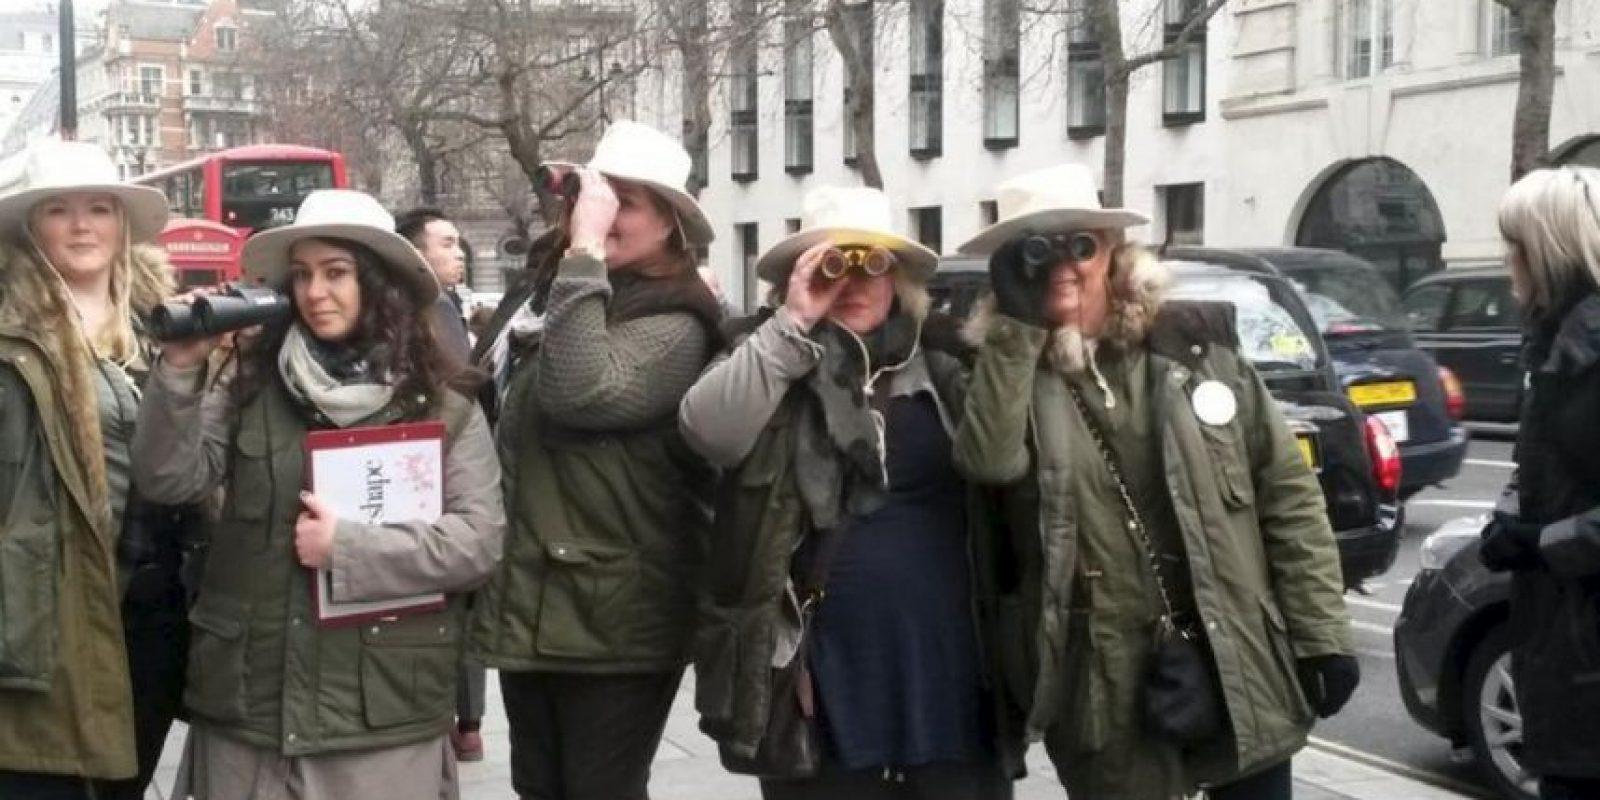 La idea era fotografiar a mujeres delgadas y con estilo, contrapuestas a las mujeres plus size. Esto pasó en la Semana de la Moda de Londres. Foto:Twitter